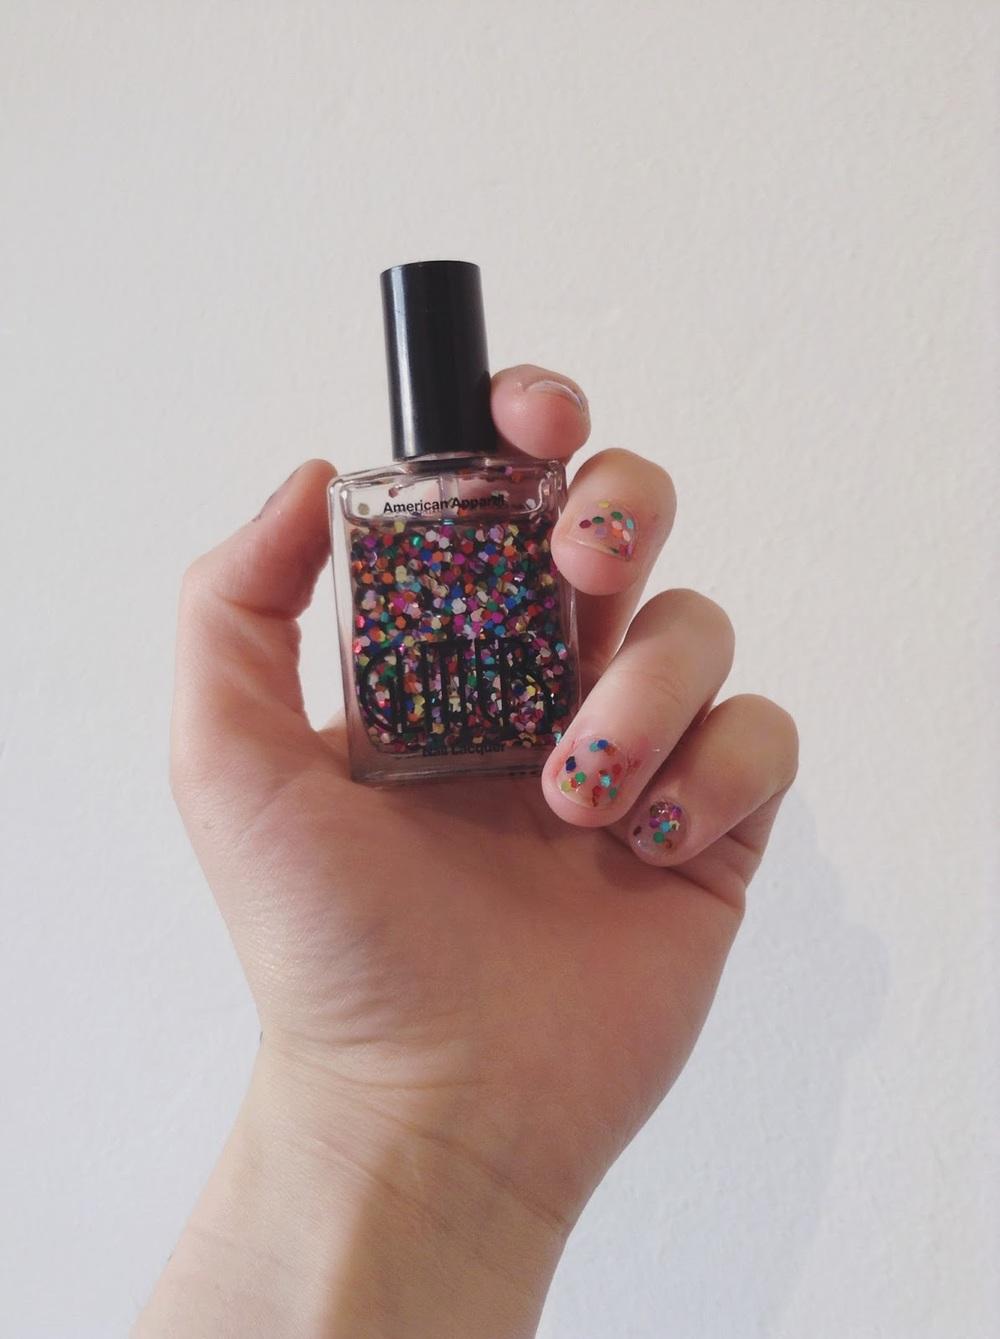 galaxy american apparel nail polish femmenism